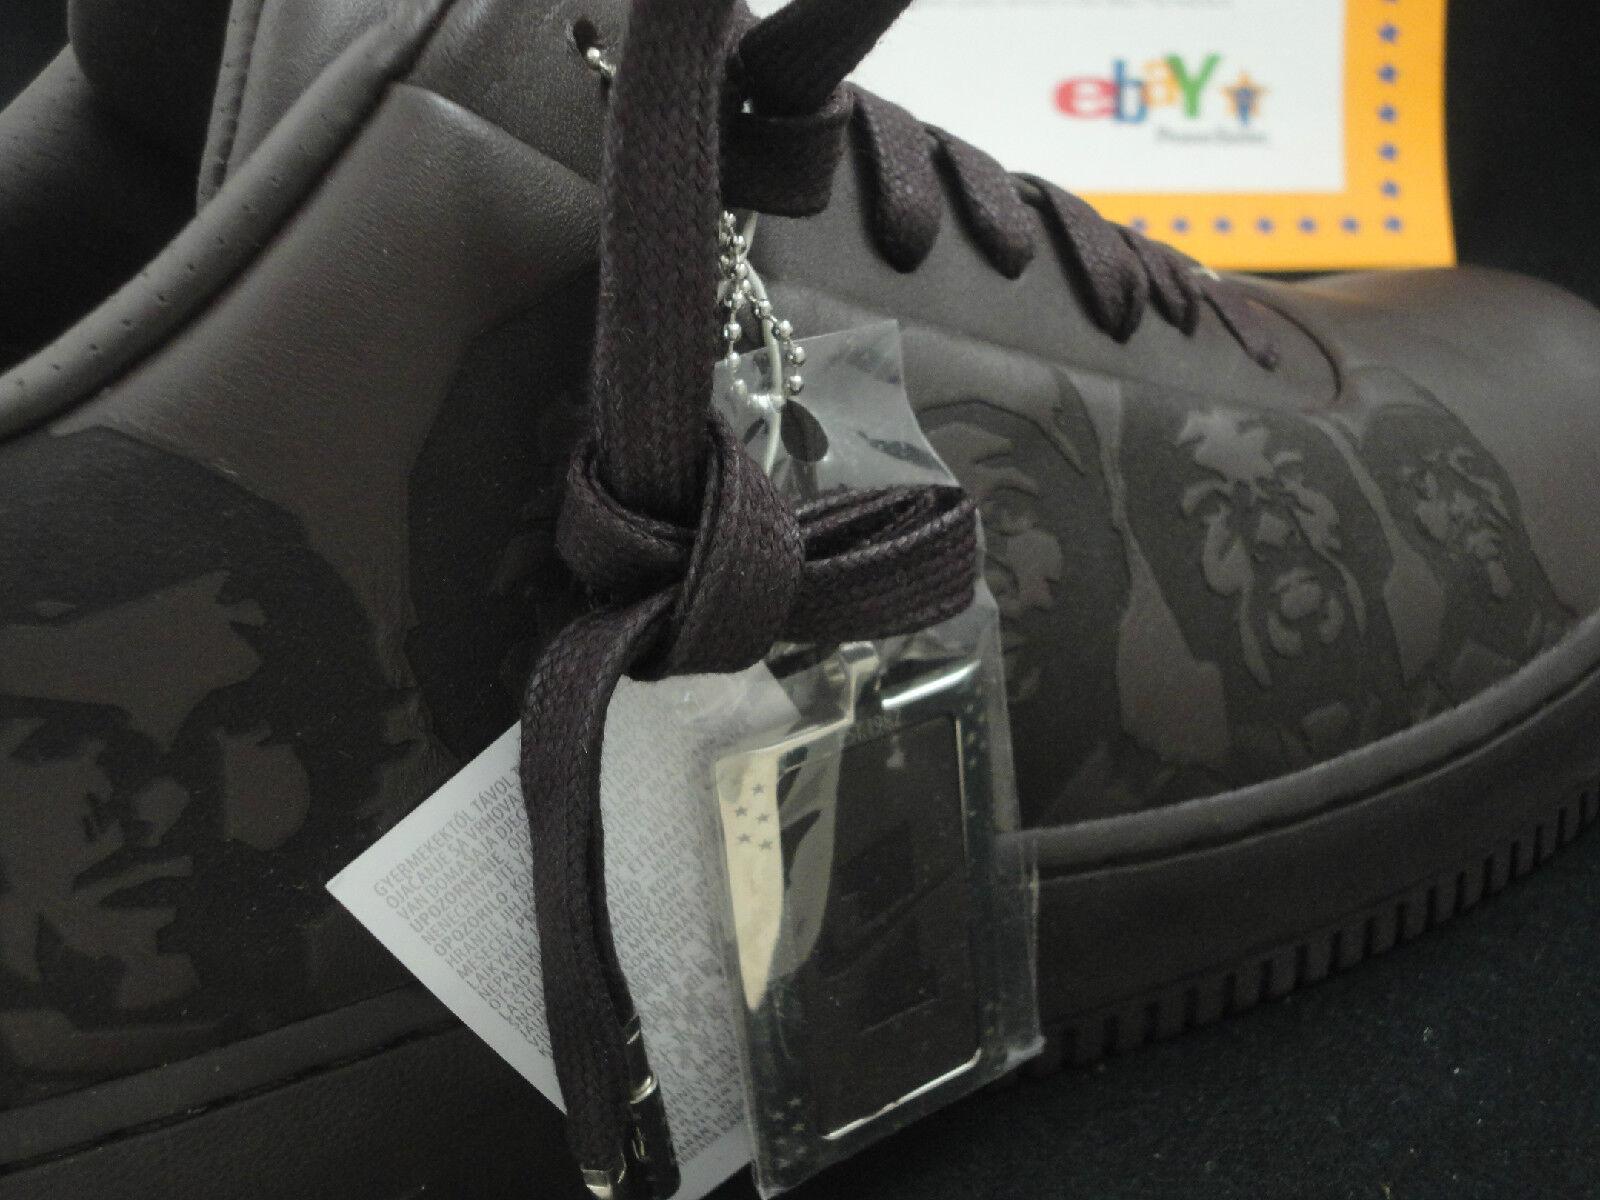 Nike Air Force 1 Supreme 07 jugadores reducción 6 original, SZ 12,5 reducción jugadores de precios el último descuento zapatos para hombres y mujeres e8e860